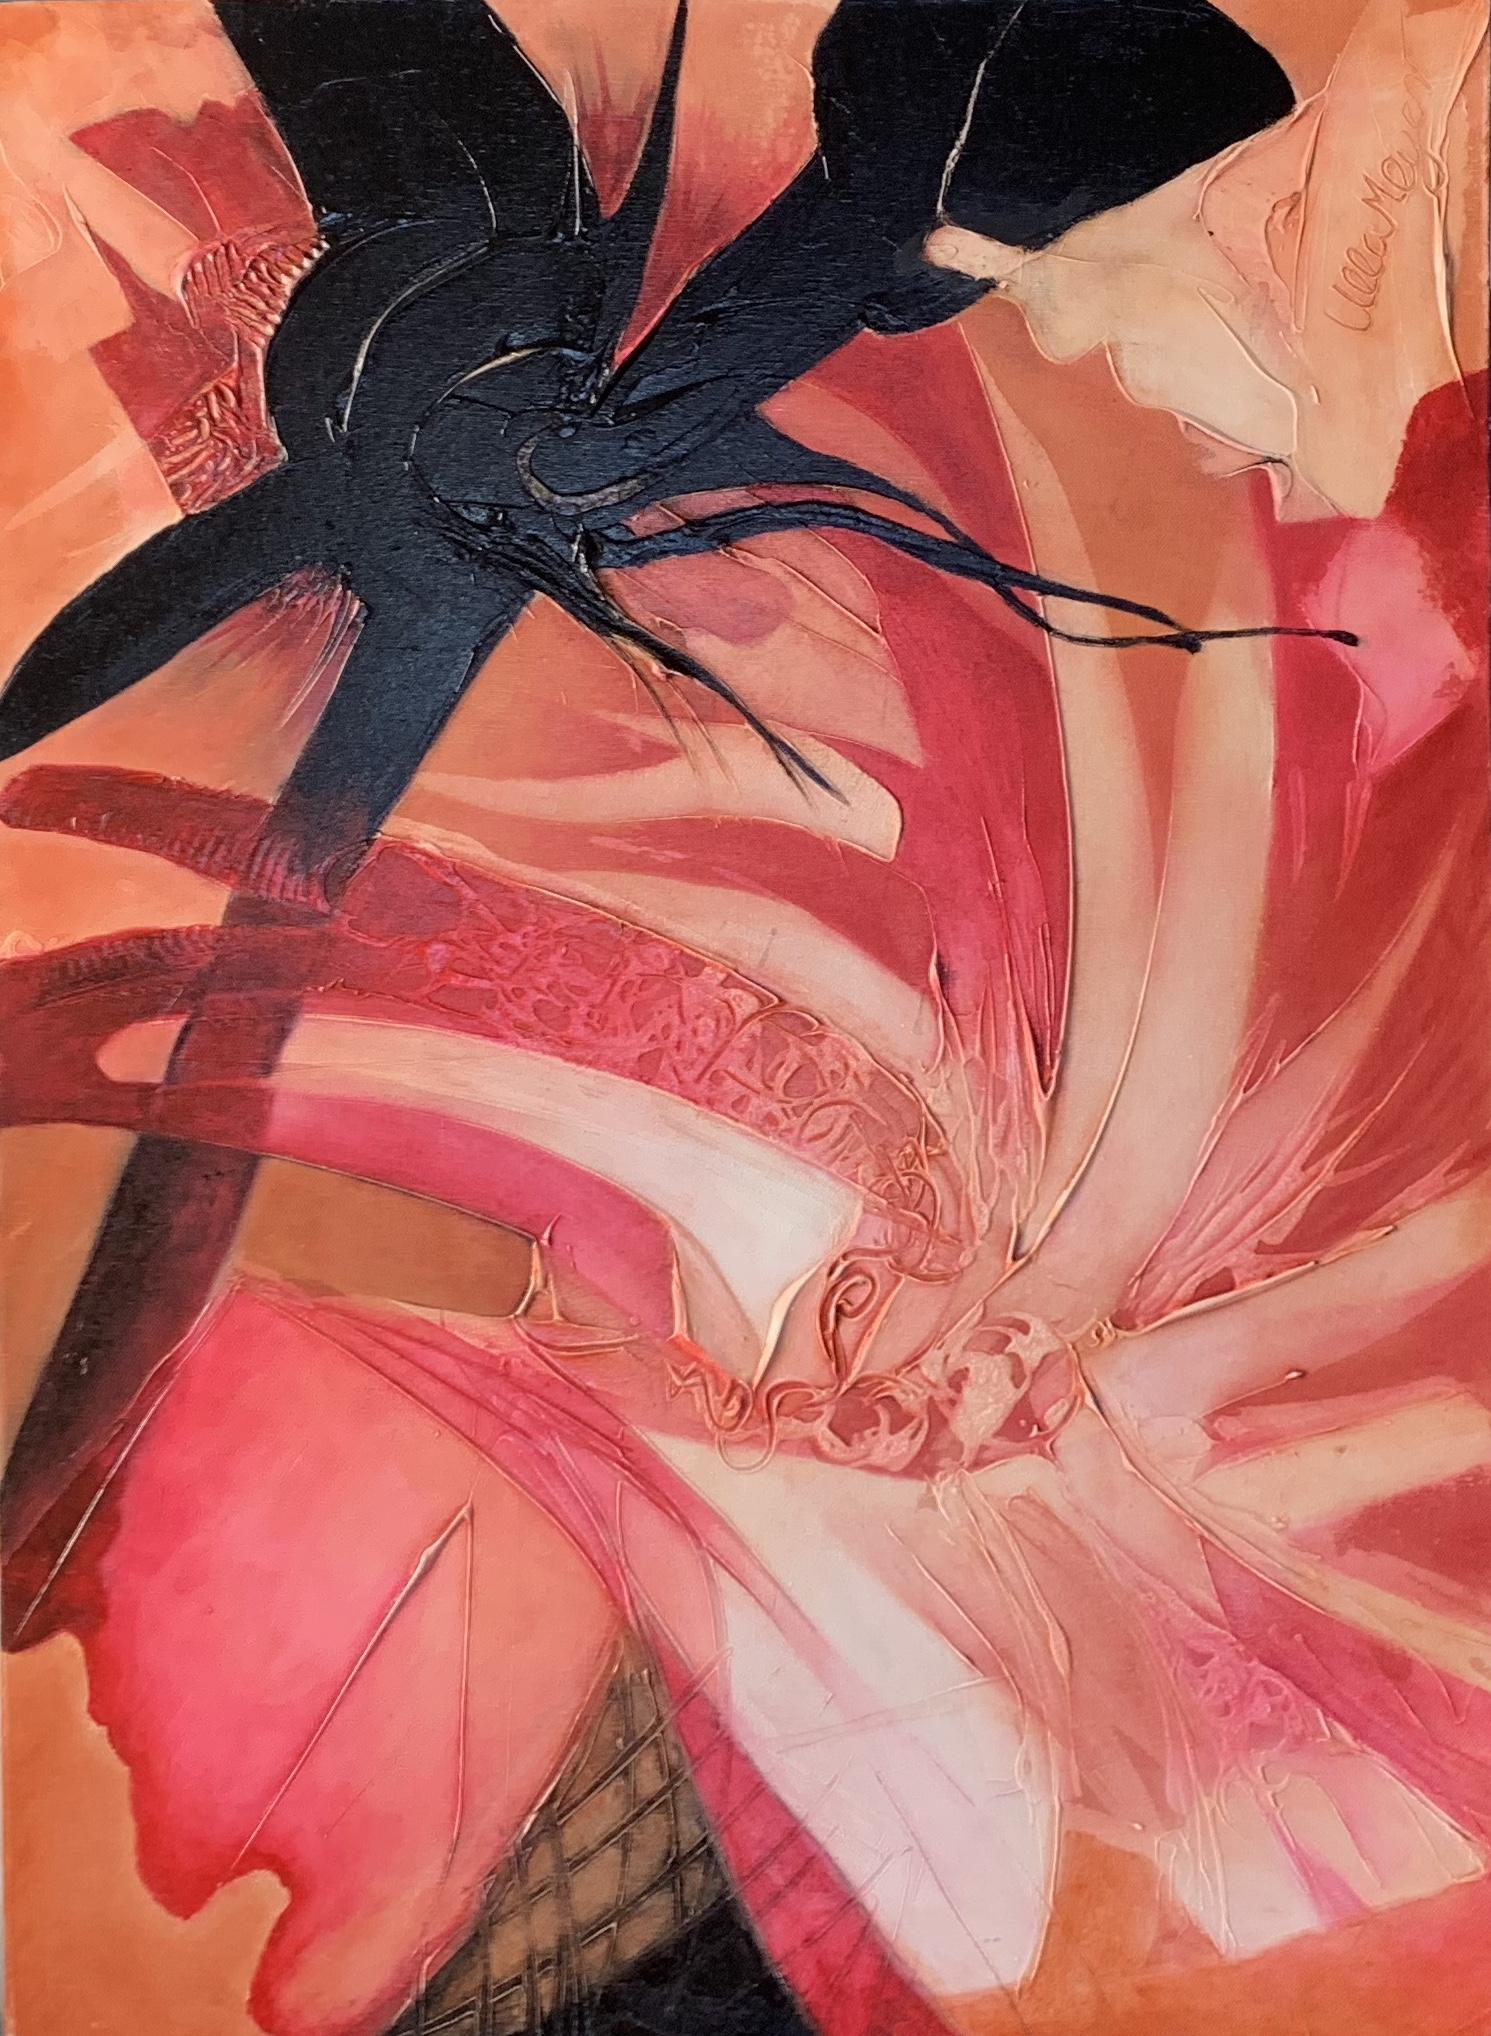 black spider by Ulla Meyer | ArtworkNetwork.com